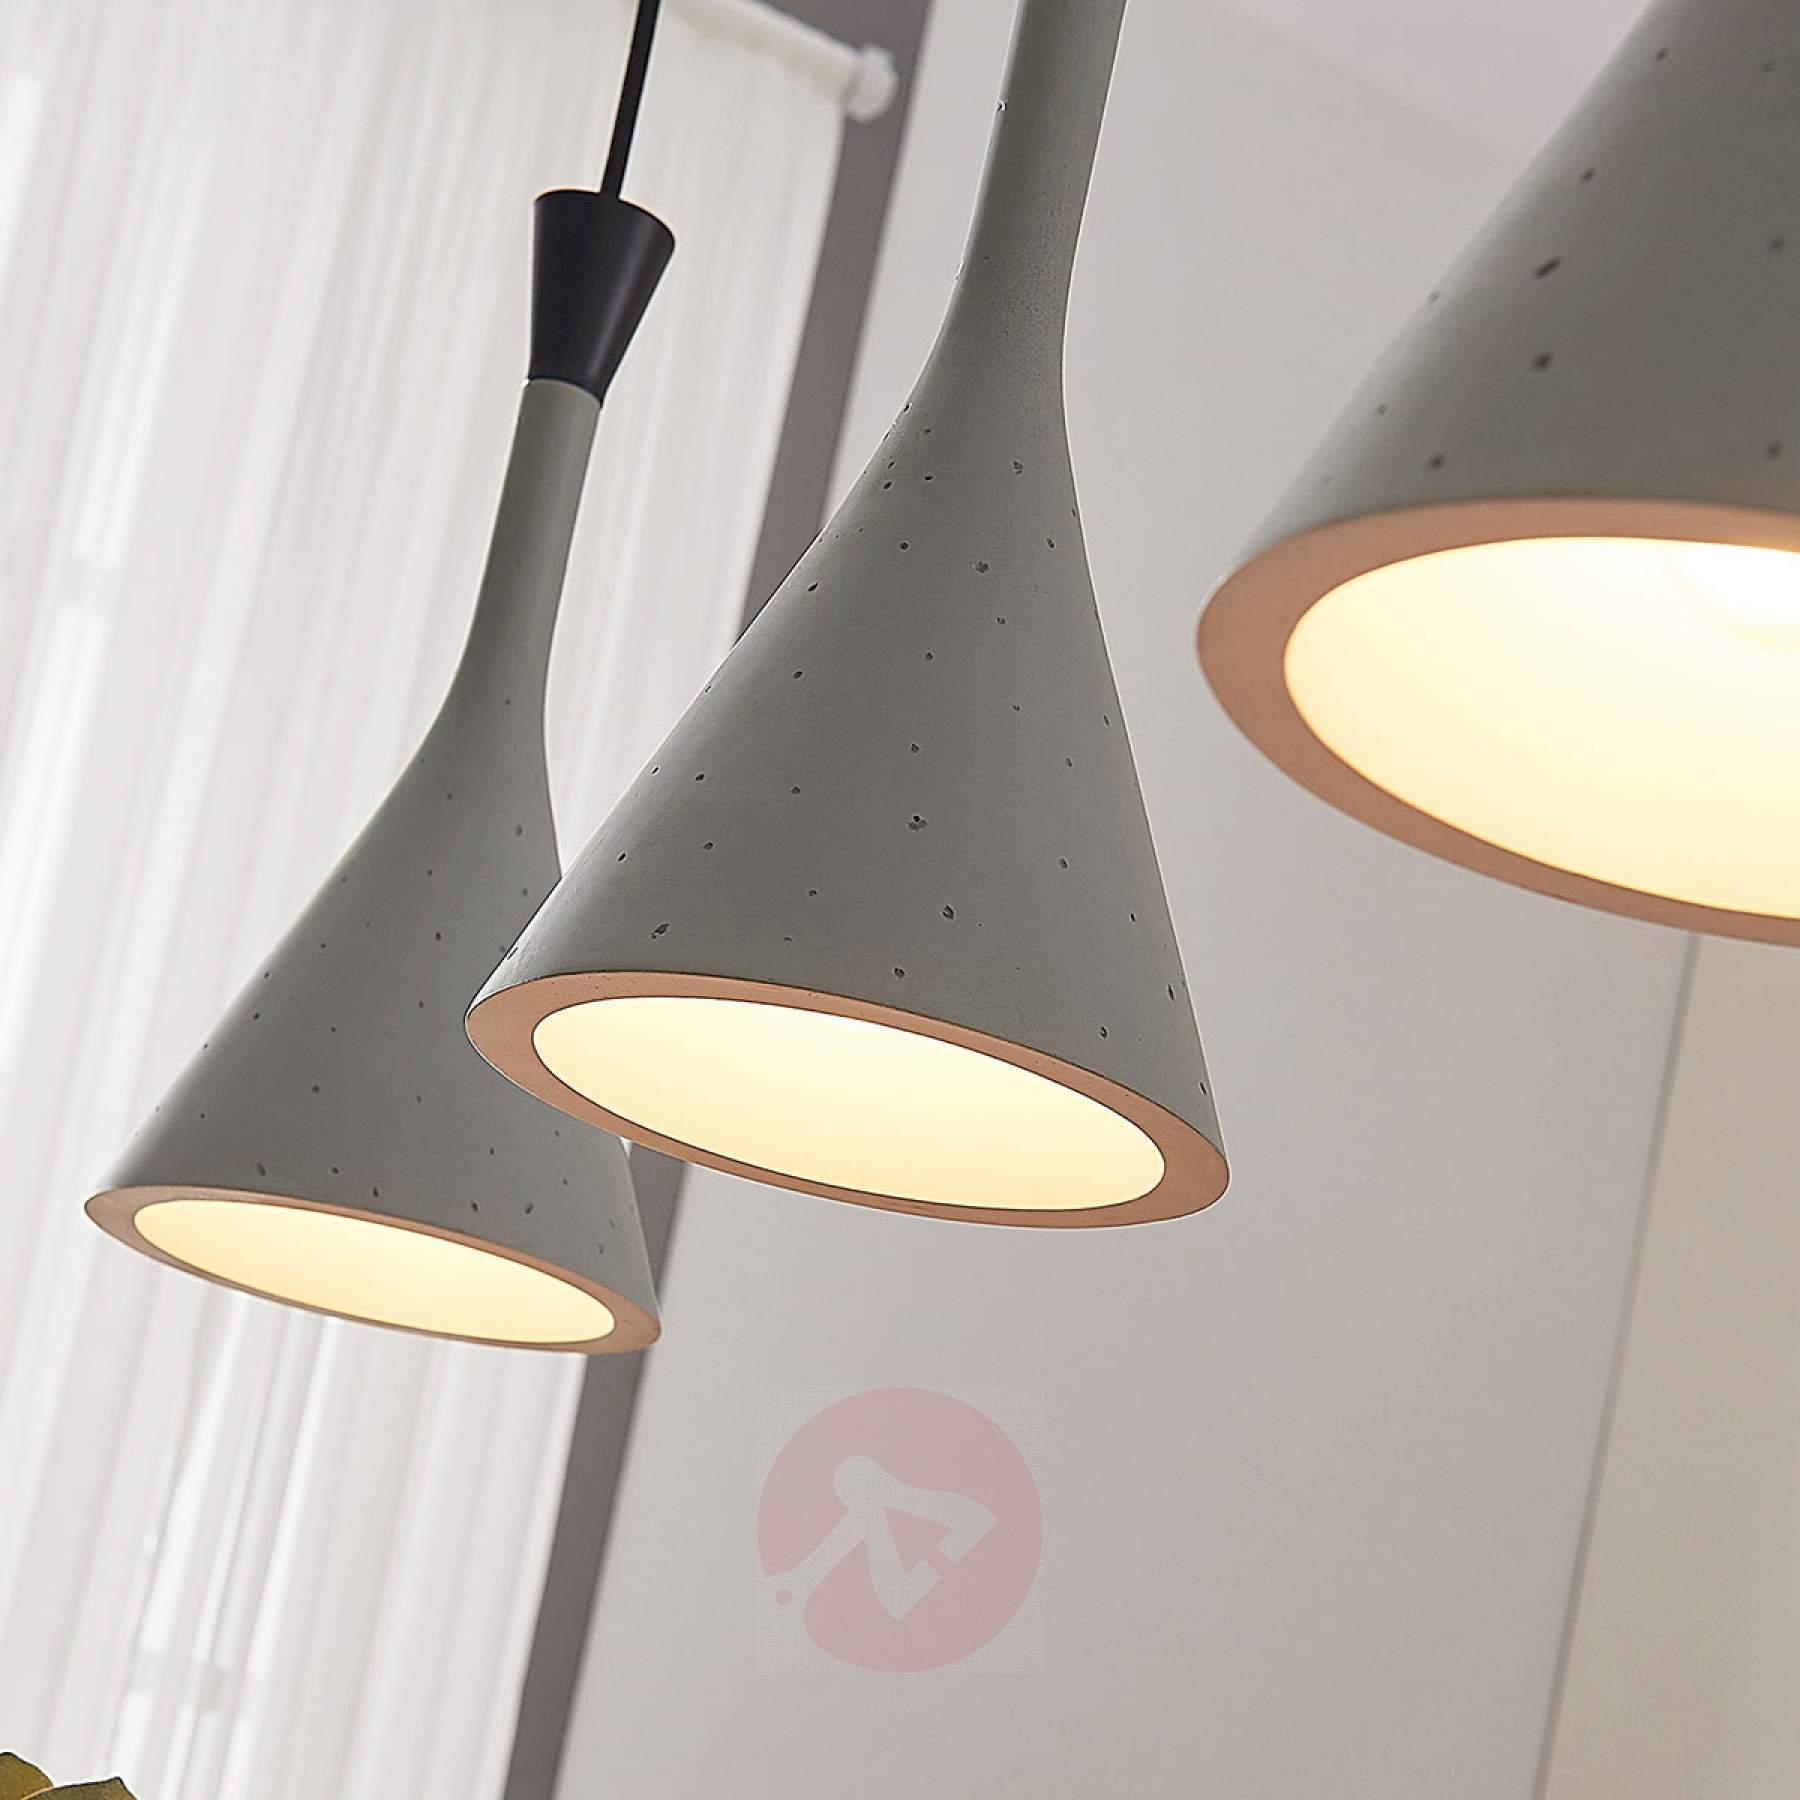 Full Size of Deckenlampe Esstisch Wandlampe Bad Hängelampe Wohnzimmer Küche Tischlampe überdachung Garten Schlafzimmer Mit überbau Betten überlänge Deckenlampen Wohnzimmer Lampe über Kochinsel